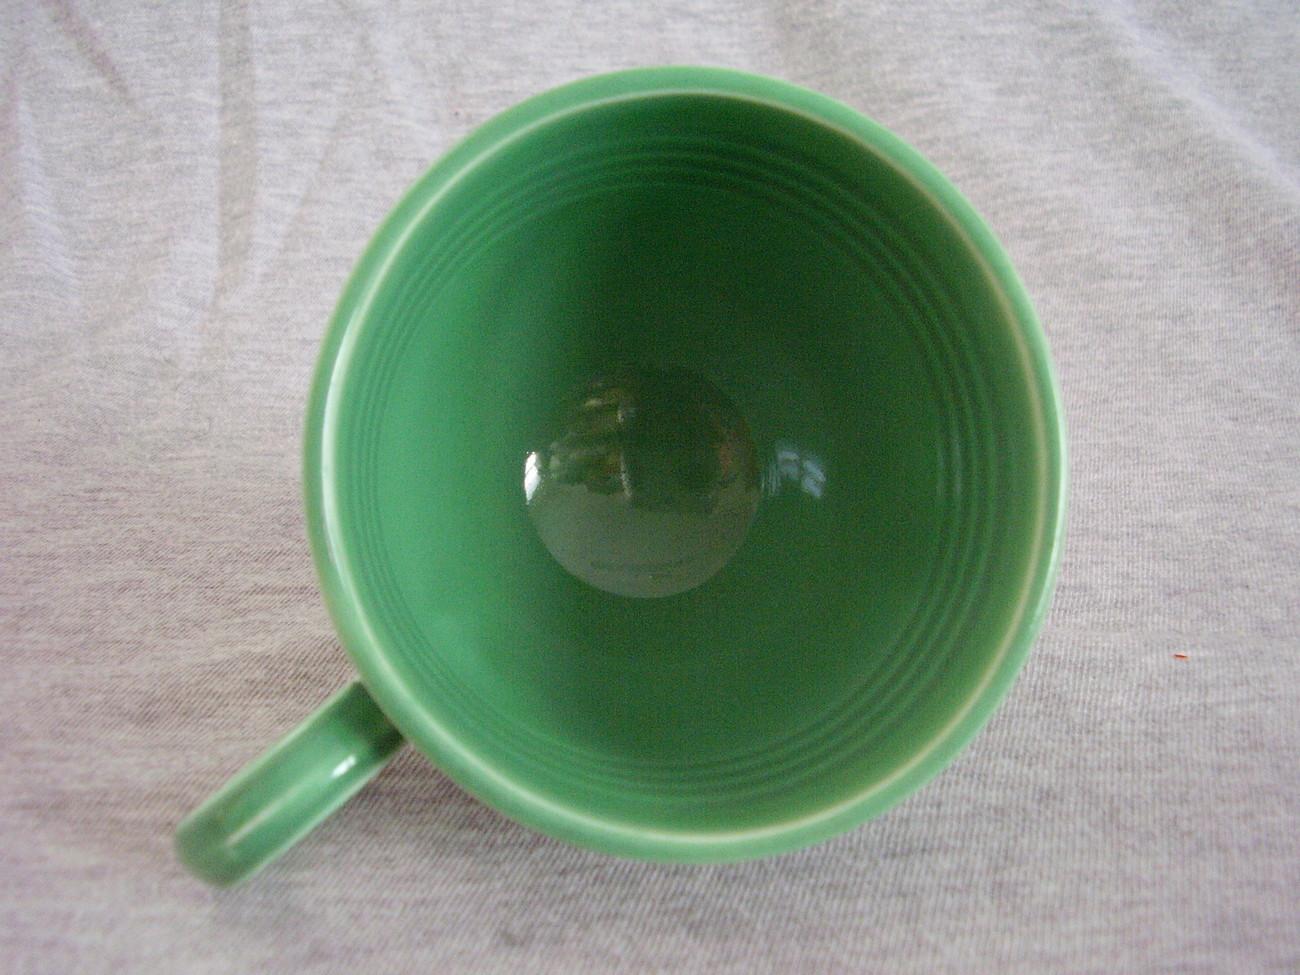 Vintage Fiestaware Original Green Ring Handle Teacup A